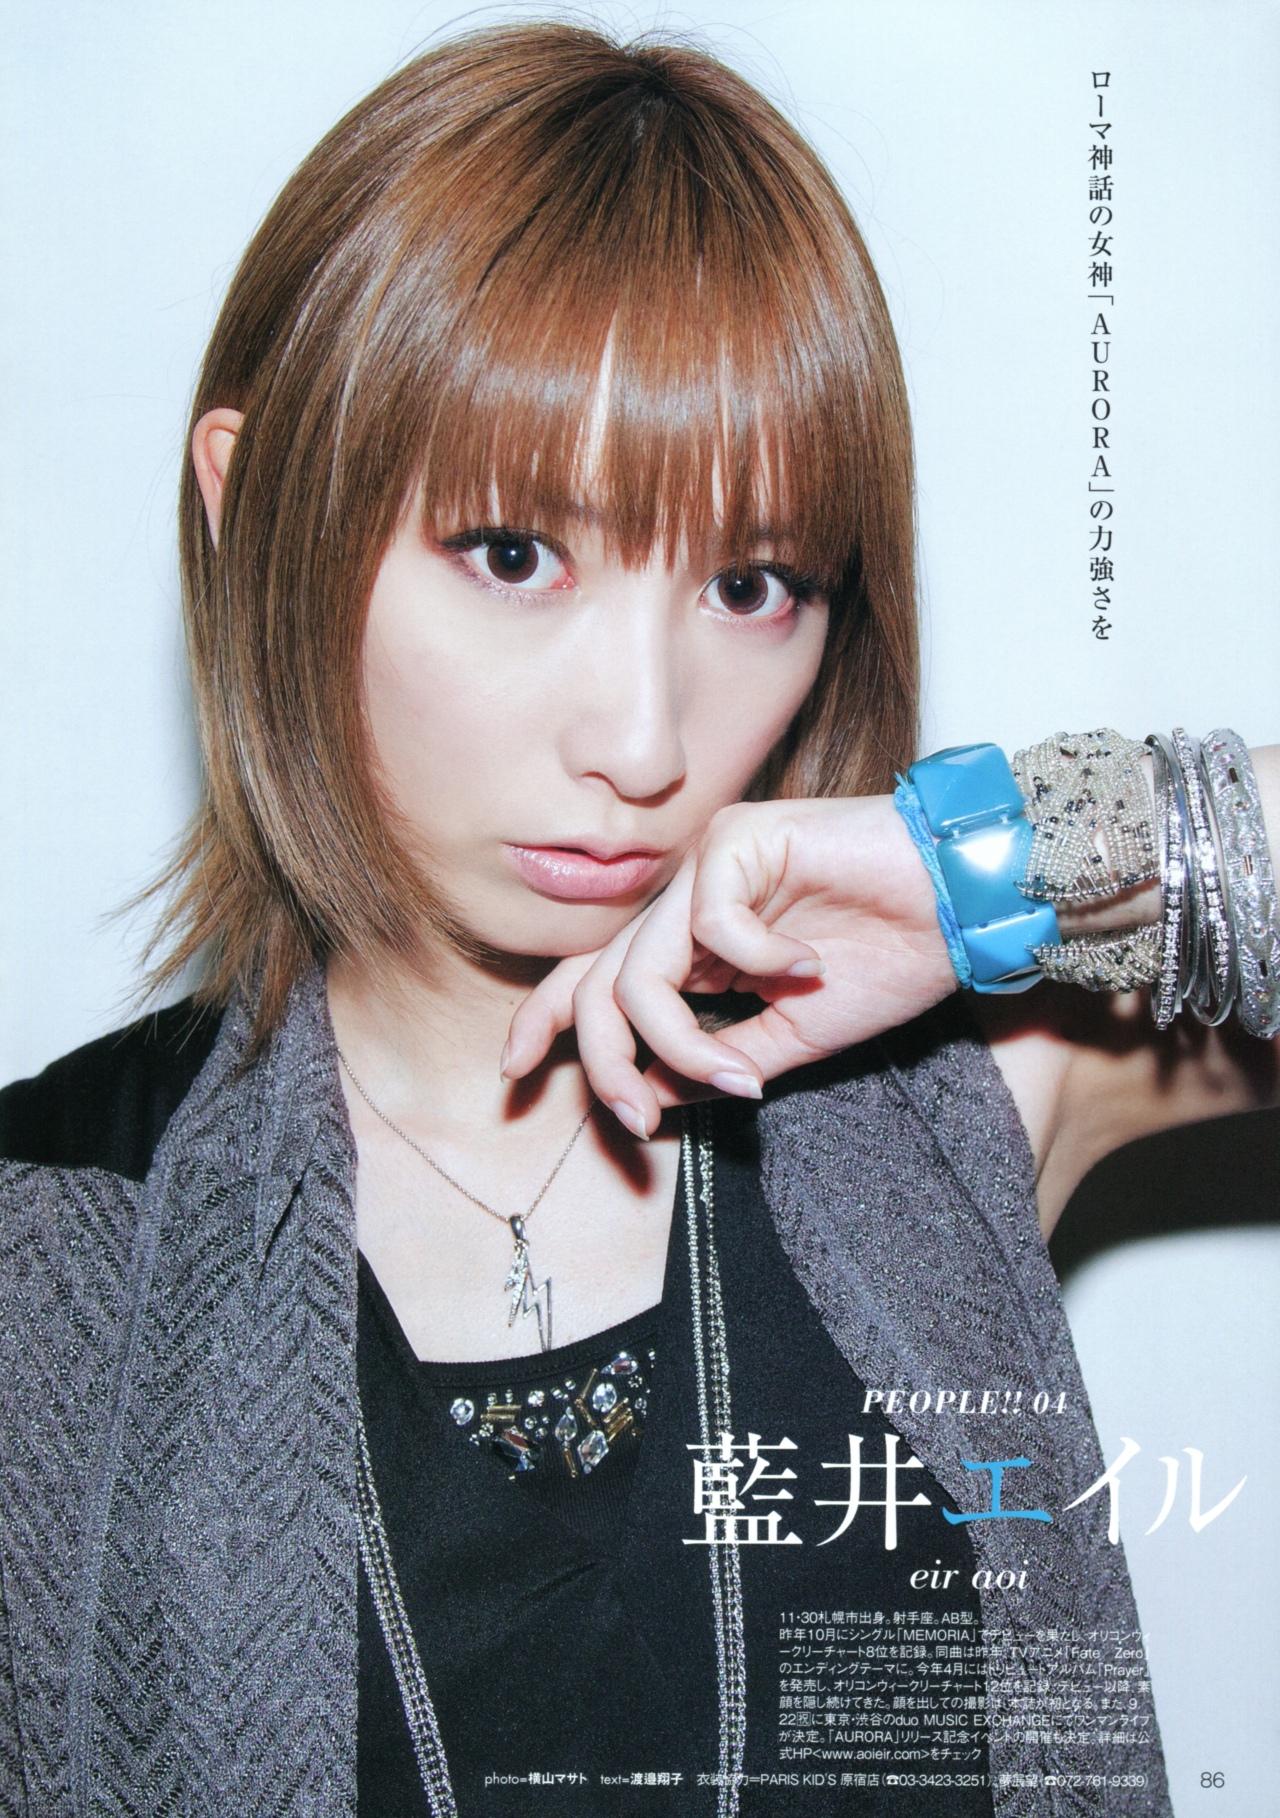 가수 아오이 에이르씨의 사진 몇장